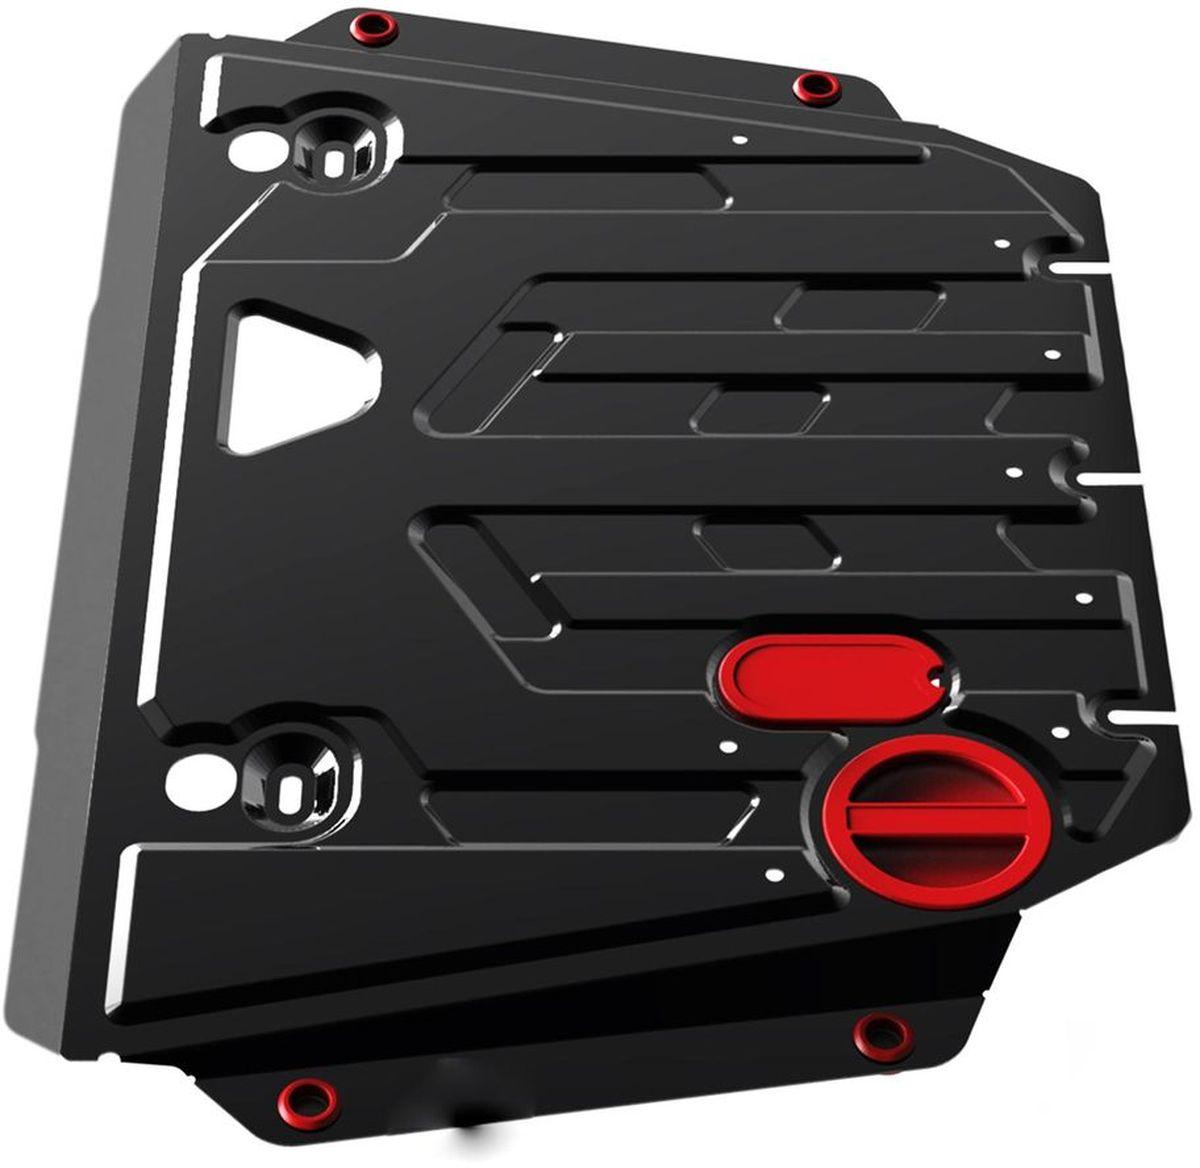 Защита картера и КПП Автоброня FAW Oley 2014-, сталь 2 мм111.08008.1Защита картера и КПП Автоброня FAW Oley, V-1,5 2014-, сталь 2 мм, комплект крепежа, 111.08008.1Стальные защиты Автоброня надежно защищают ваш автомобиль от повреждений при наезде на бордюры, выступающие канализационные люки, кромки поврежденного асфальта или при ремонте дорог, не говоря уже о загородных дорогах.- Имеют оптимальное соотношение цена-качество.- Спроектированы с учетом особенностей автомобиля, что делает установку удобной.- Защита устанавливается в штатные места кузова автомобиля.- Является надежной защитой для важных элементов на протяжении долгих лет.- Глубокий штамп дополнительно усиливает конструкцию защиты.- Подштамповка в местах крепления защищает крепеж от срезания.- Технологические отверстия там, где они необходимы для смены масла и слива воды, оборудованные заглушками, закрепленными на защите.Толщина стали 2 мм.В комплекте крепеж и инструкция по установке.Уважаемые клиенты!Обращаем ваше внимание на тот факт, что защита имеет форму, соответствующую модели данного автомобиля. Наличие глубокого штампа и лючков для смены фильтров/масла предусмотрено не на всех защитах. Фото служит для визуального восприятия товара.